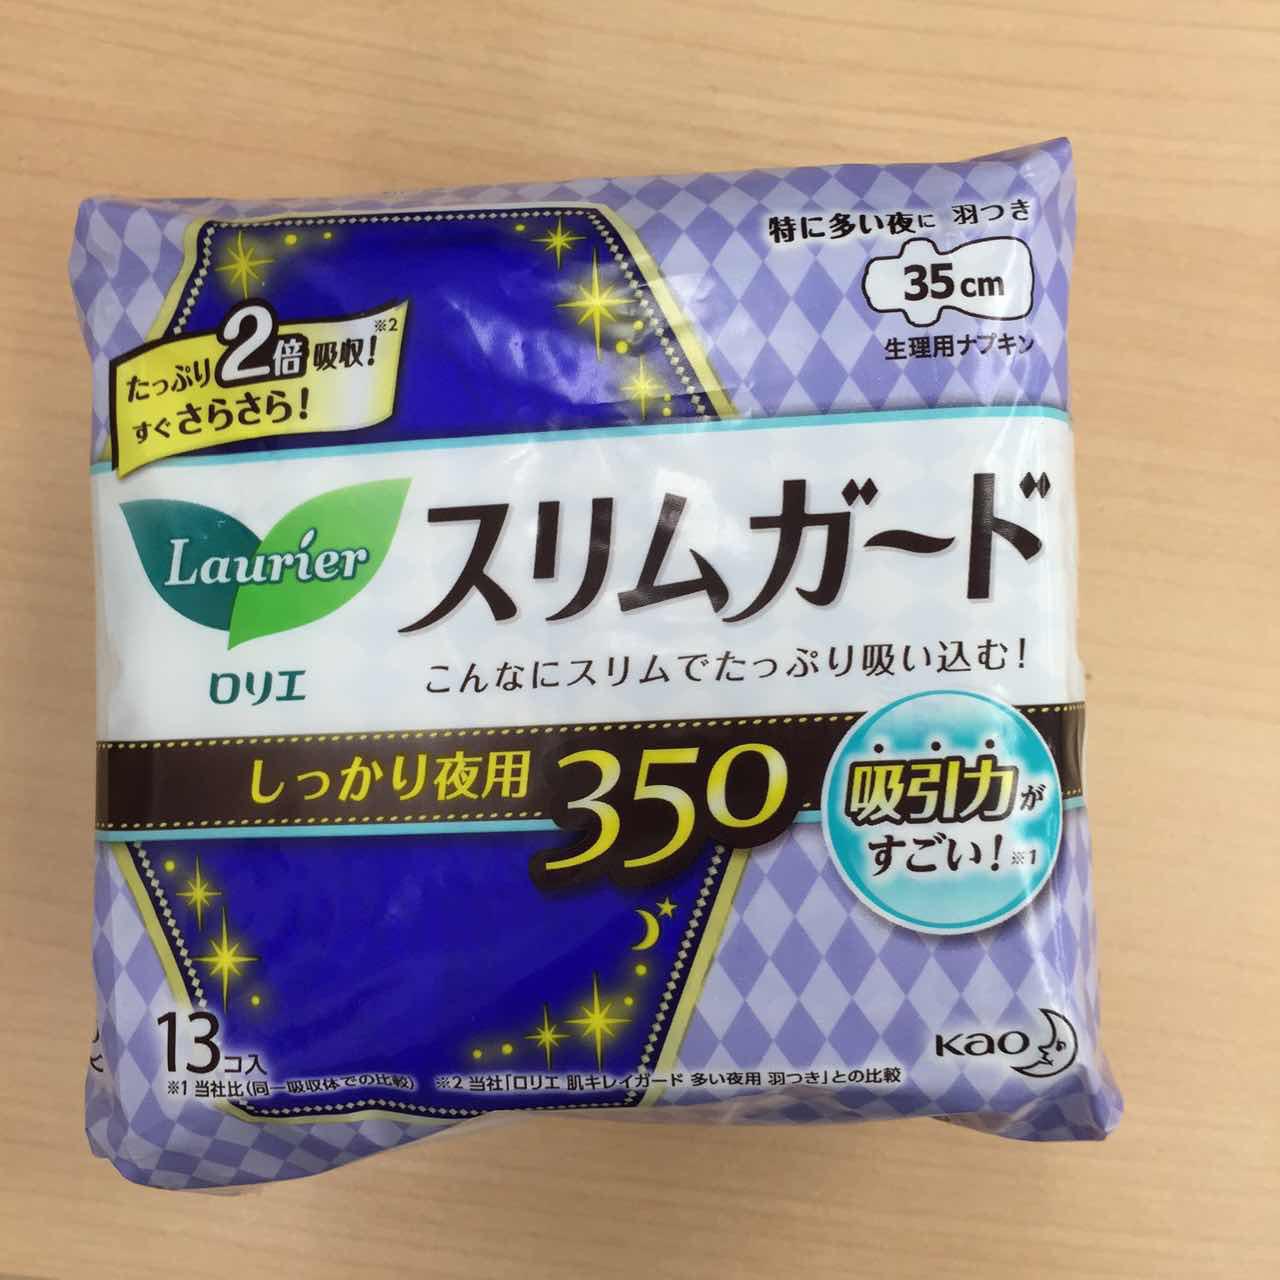 乐而雅 超薄1mm夜用零触感护翼型卫生巾 13片-0